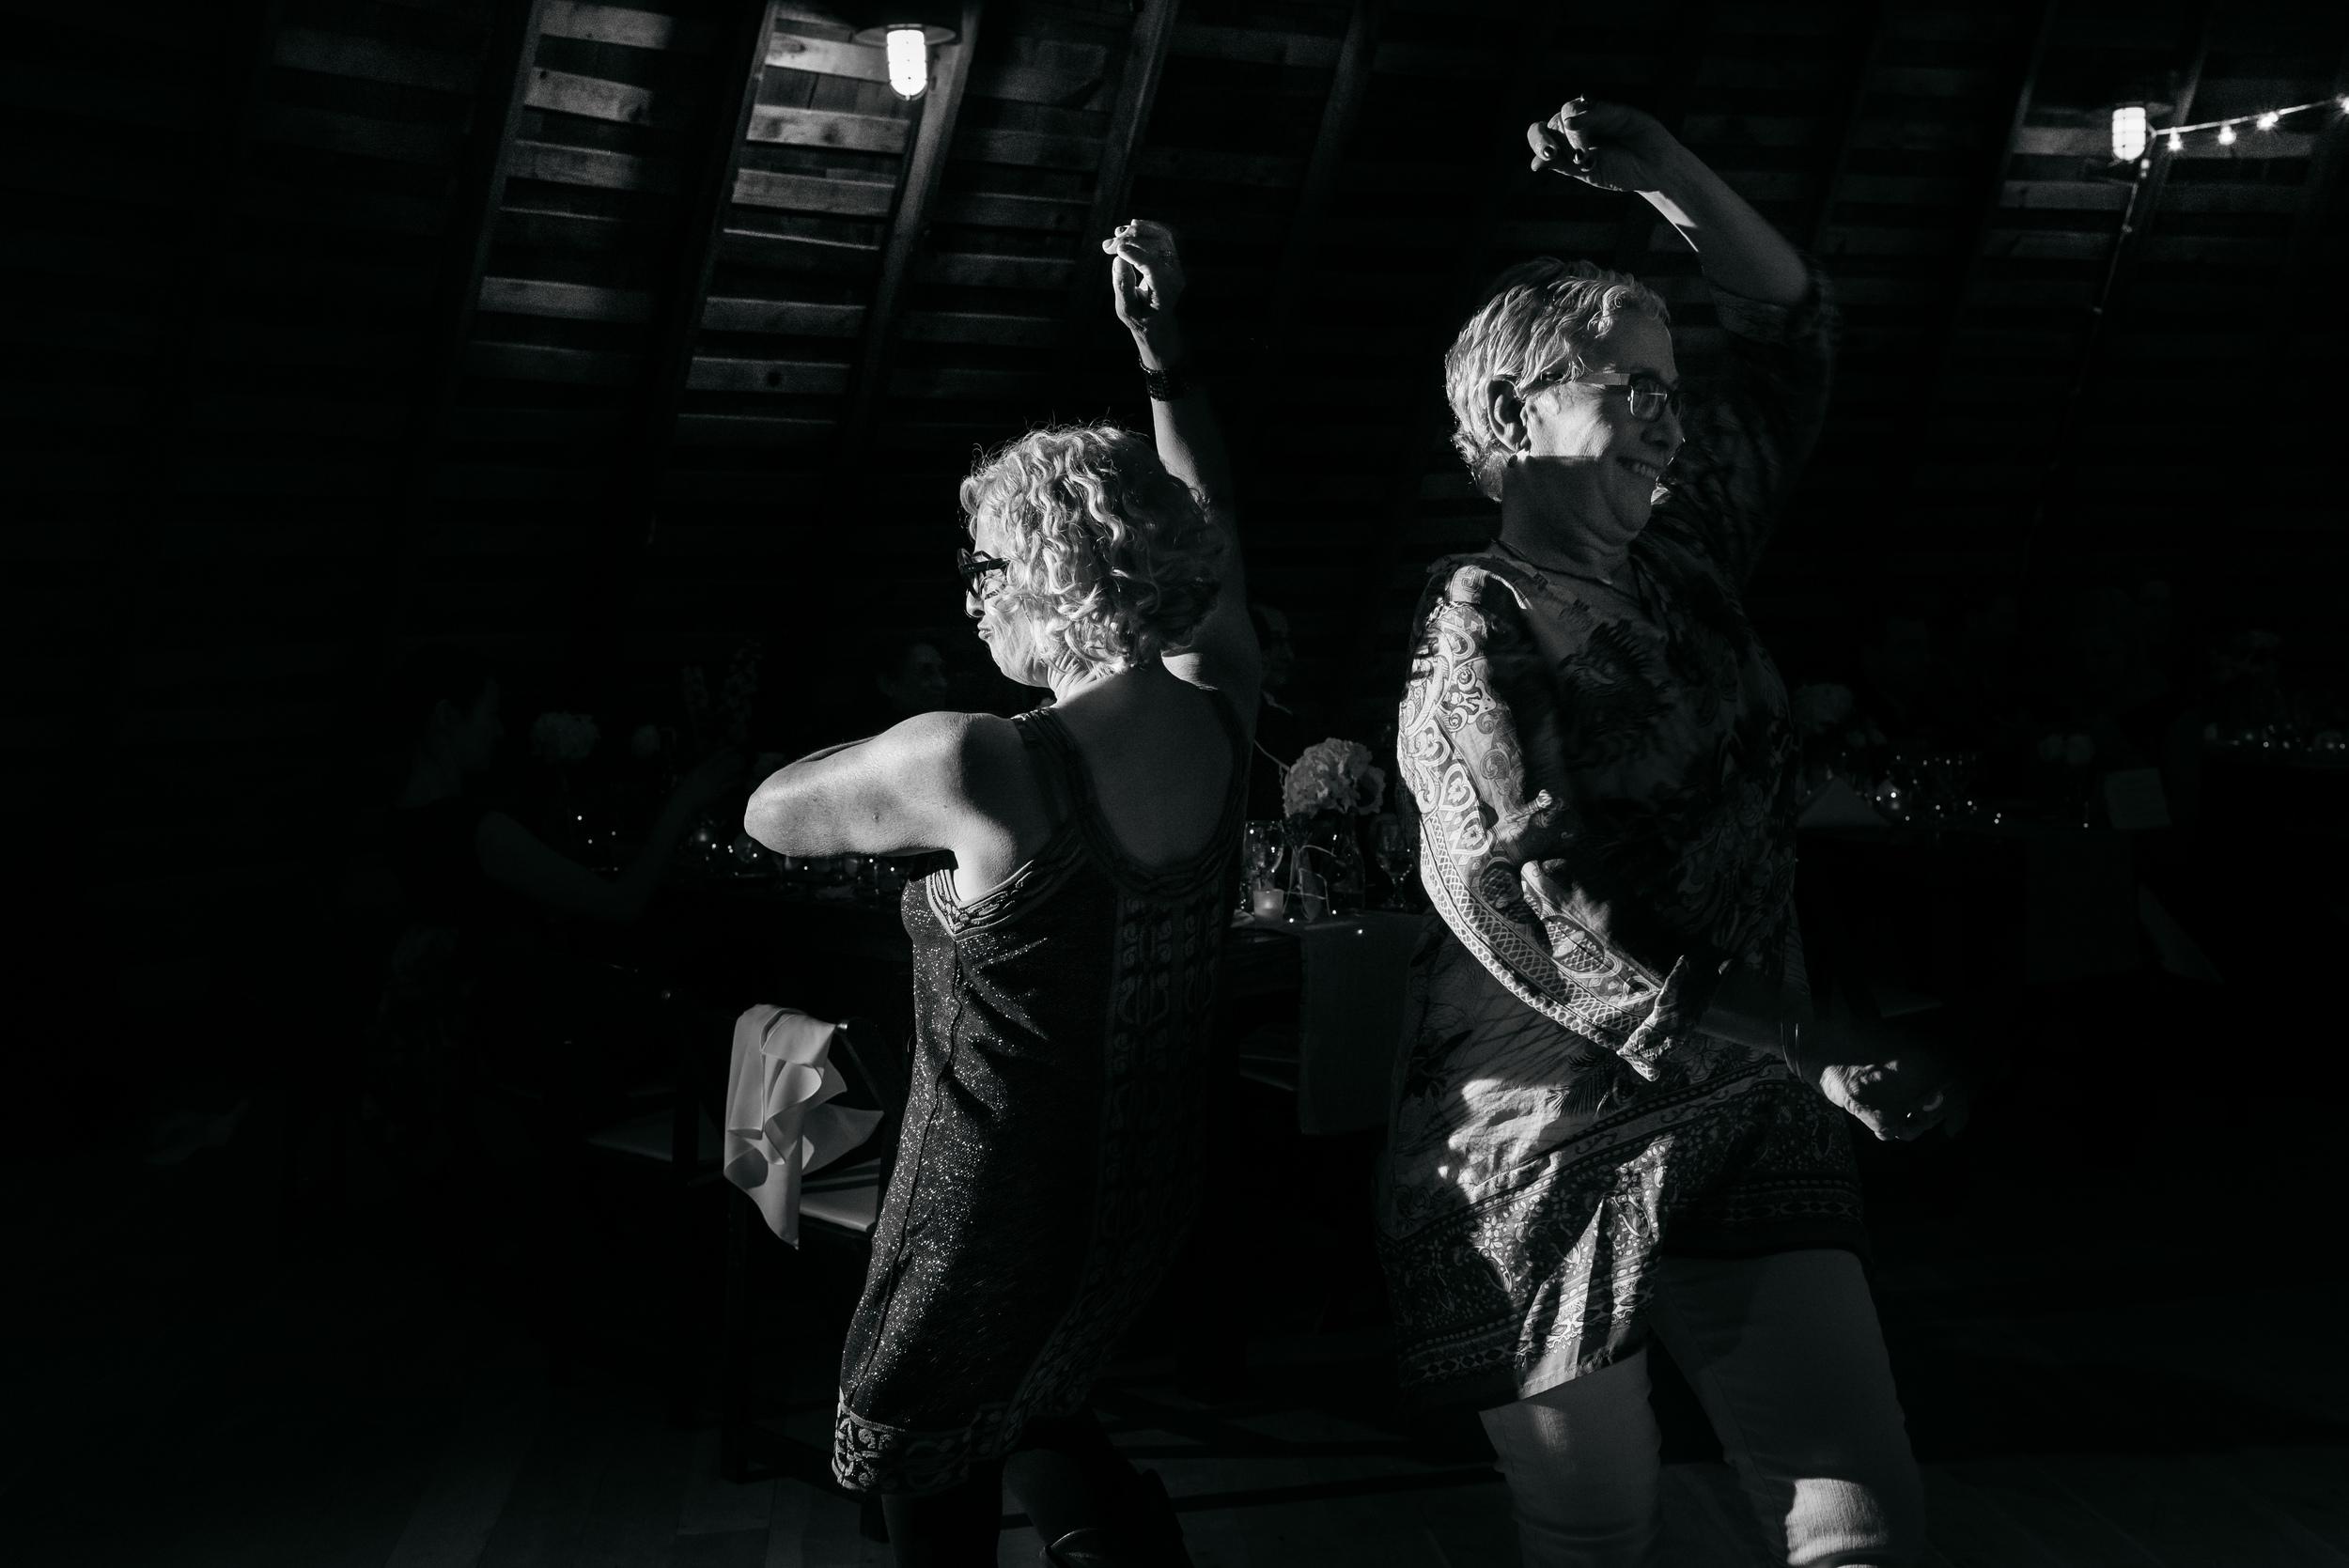 Photo by Jenny Ploss